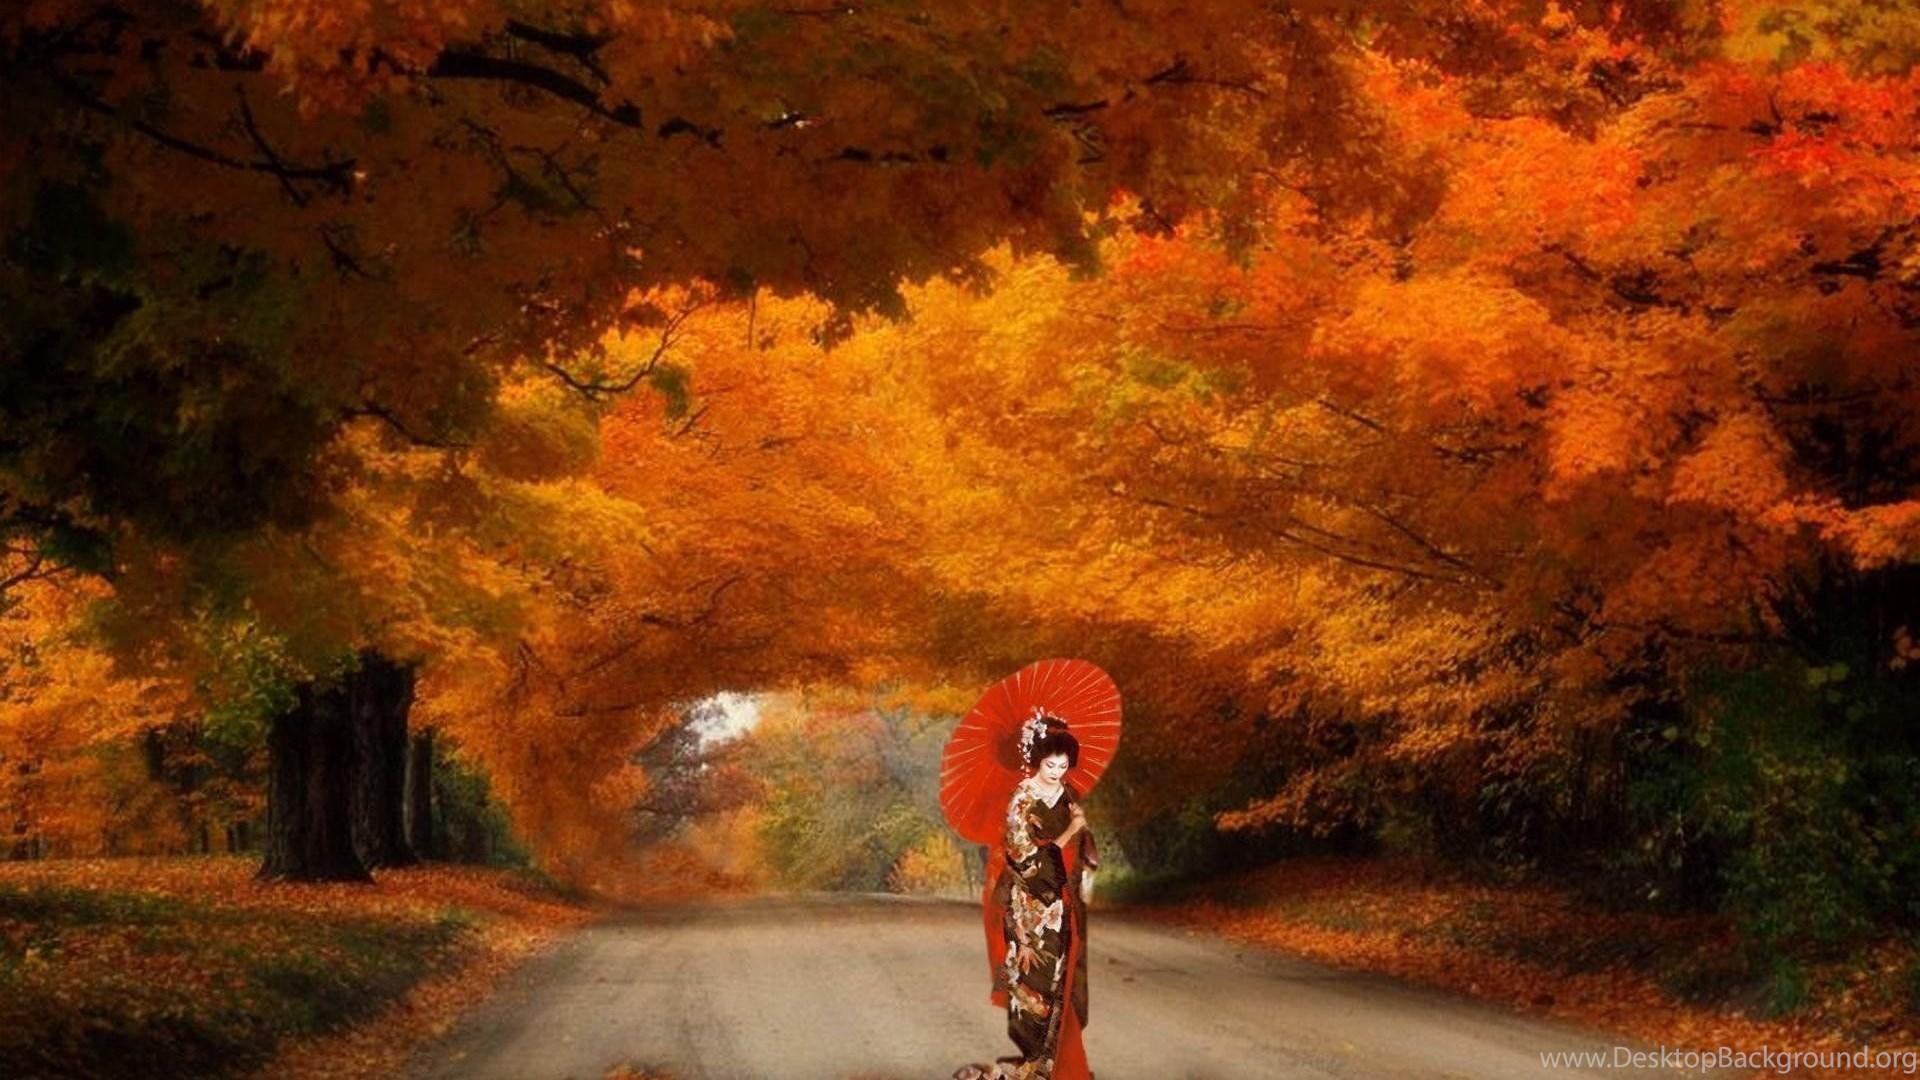 Memoirs Of A Geisha Wallpapers Desktop Background